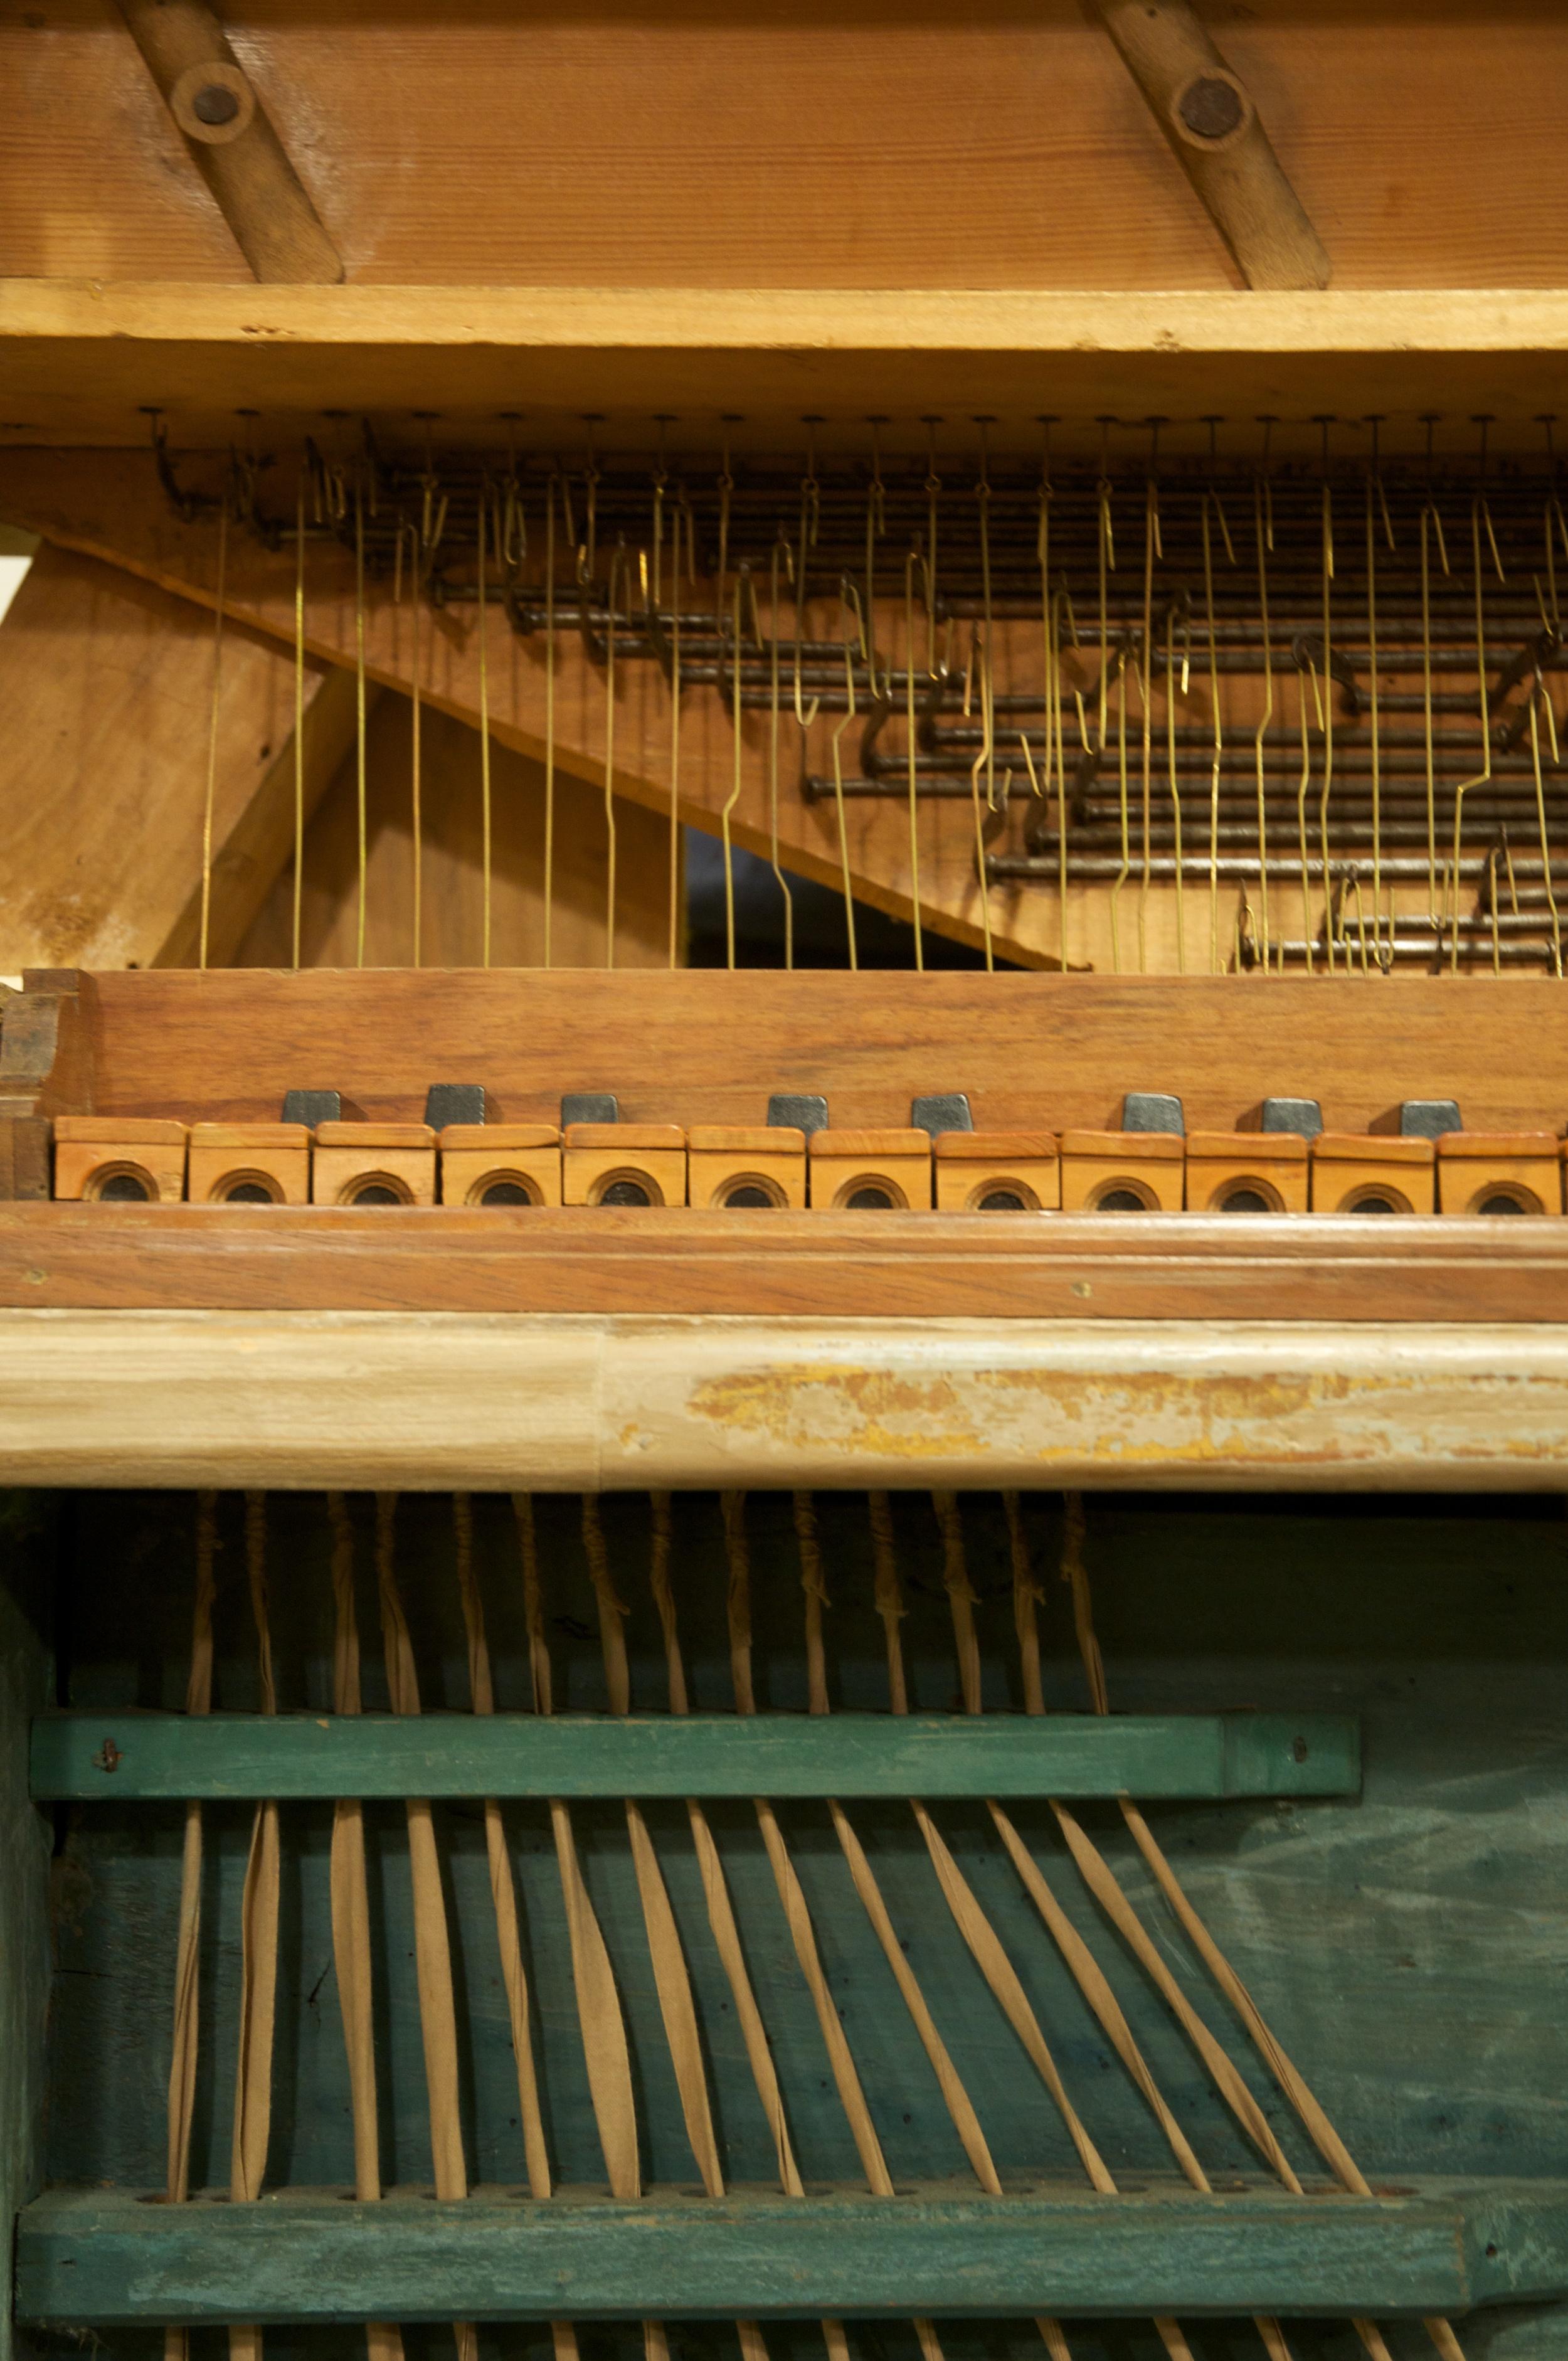 Originale Prozessionsorgel aus dem 17. Jahrhundert, siehe  www.claviersammlung.de